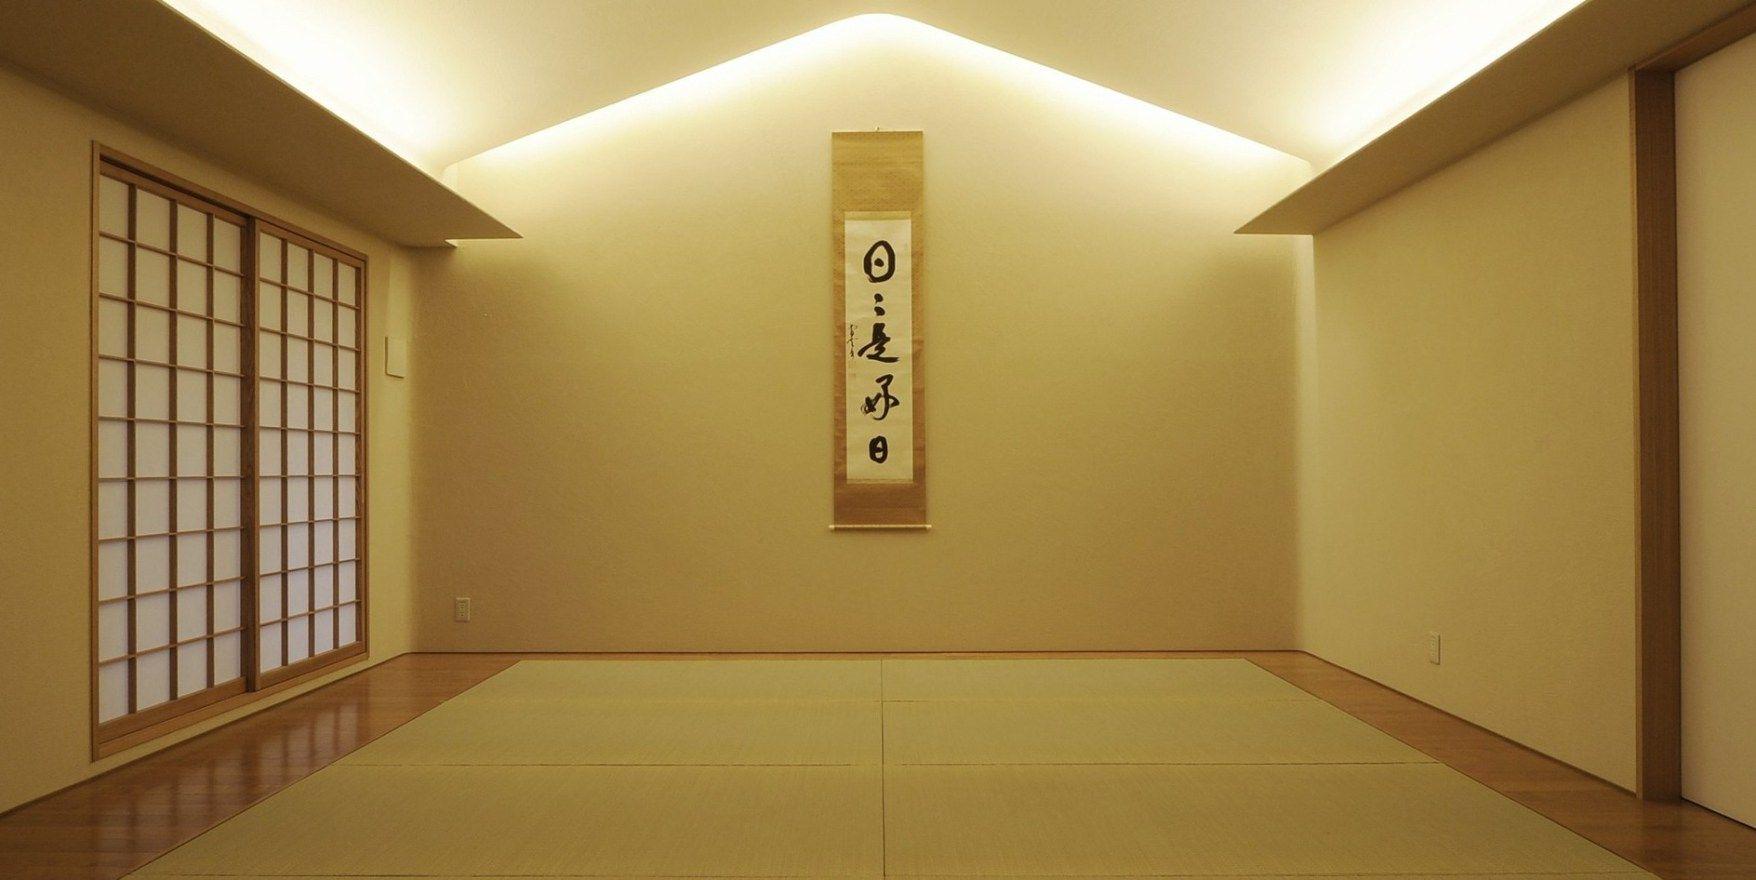 Buddhist Koans 15 of the Deepest Zen Riddles Buddhist